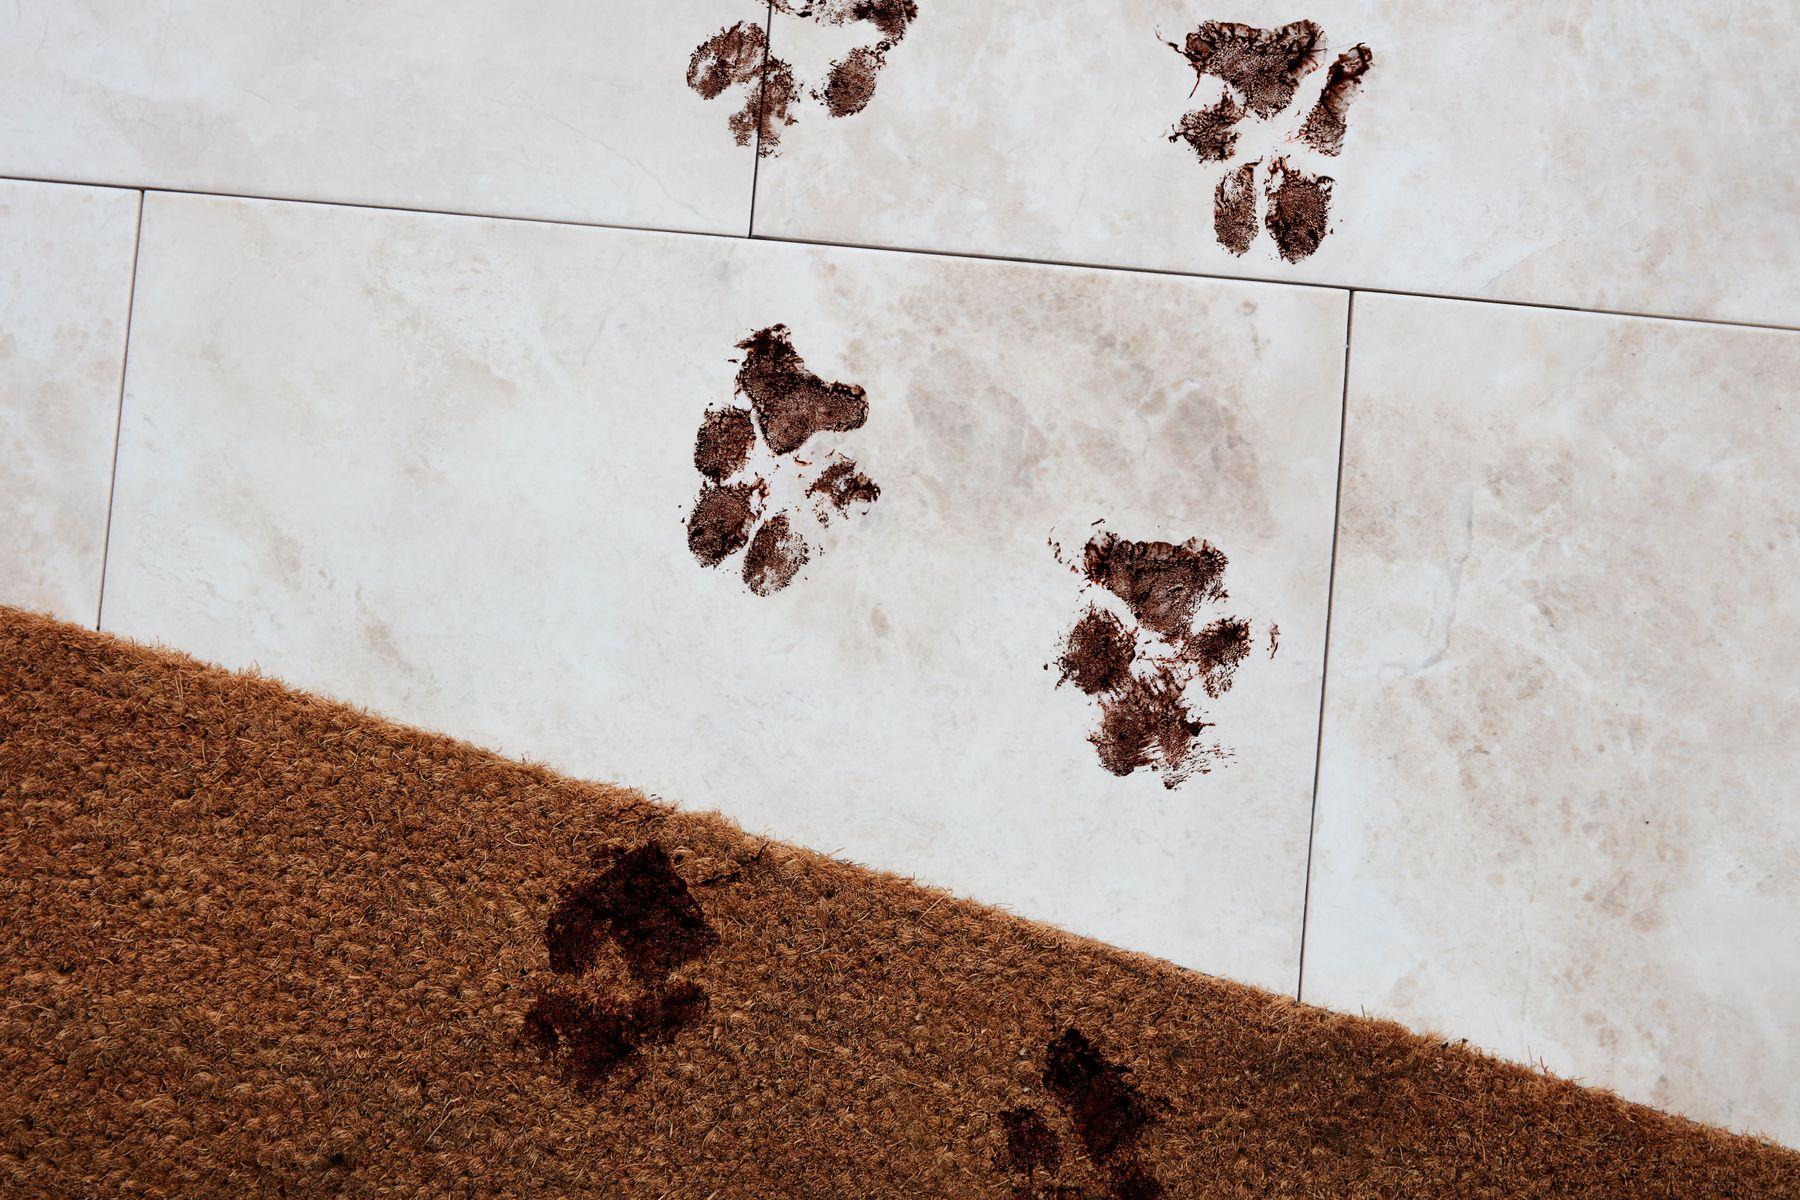 Seramik zemin üzerinde çamurlu pati izleri